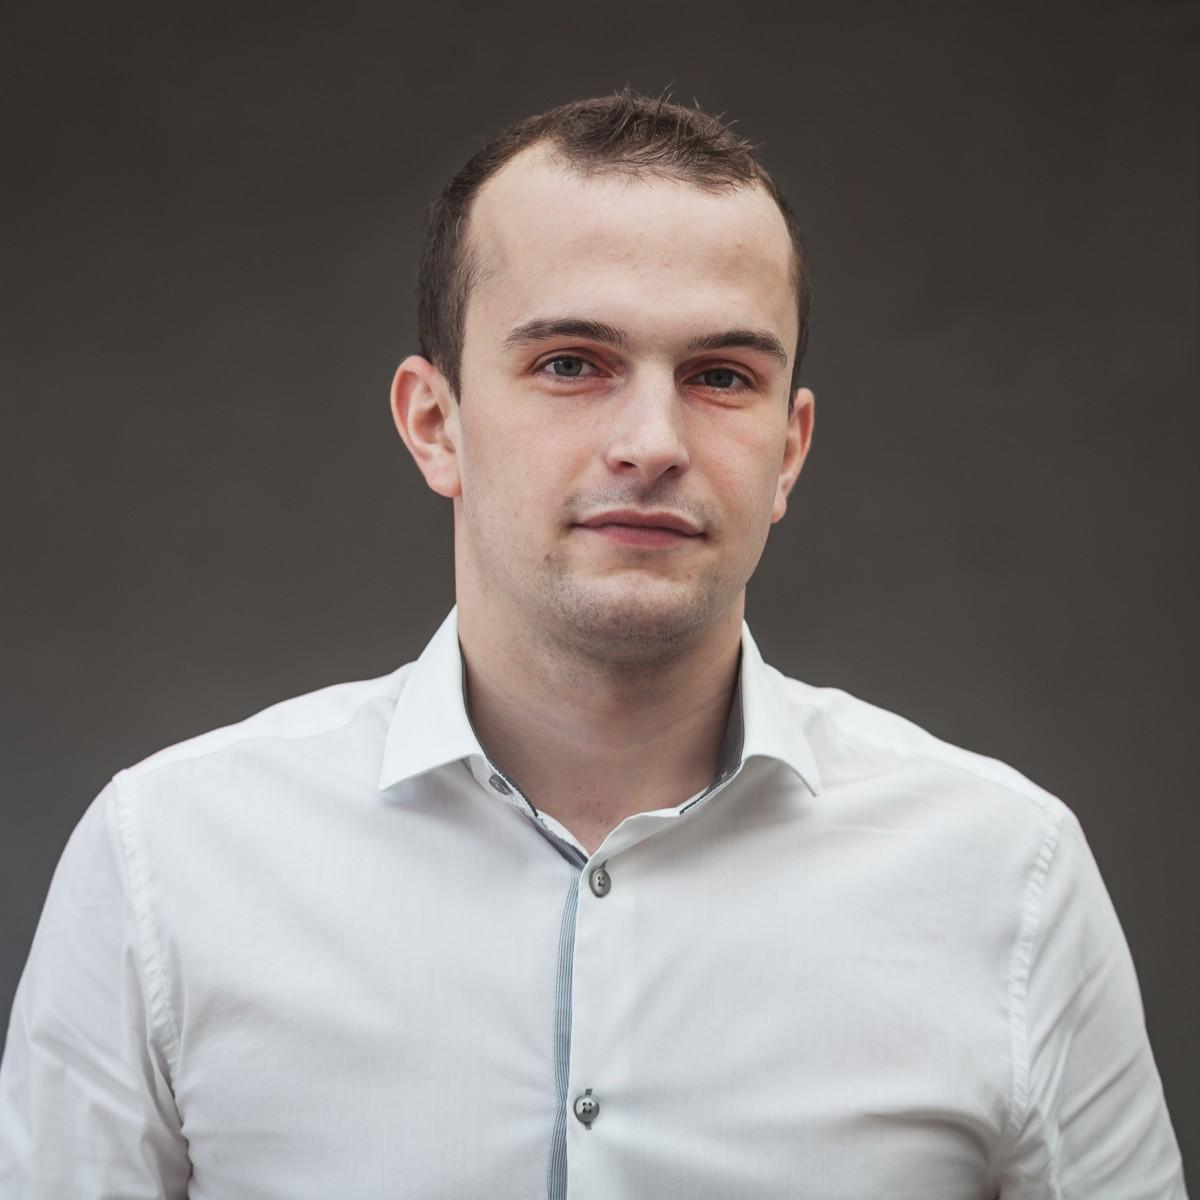 Štěpán Karoch novým Direct Sales Managerem Shoptetu